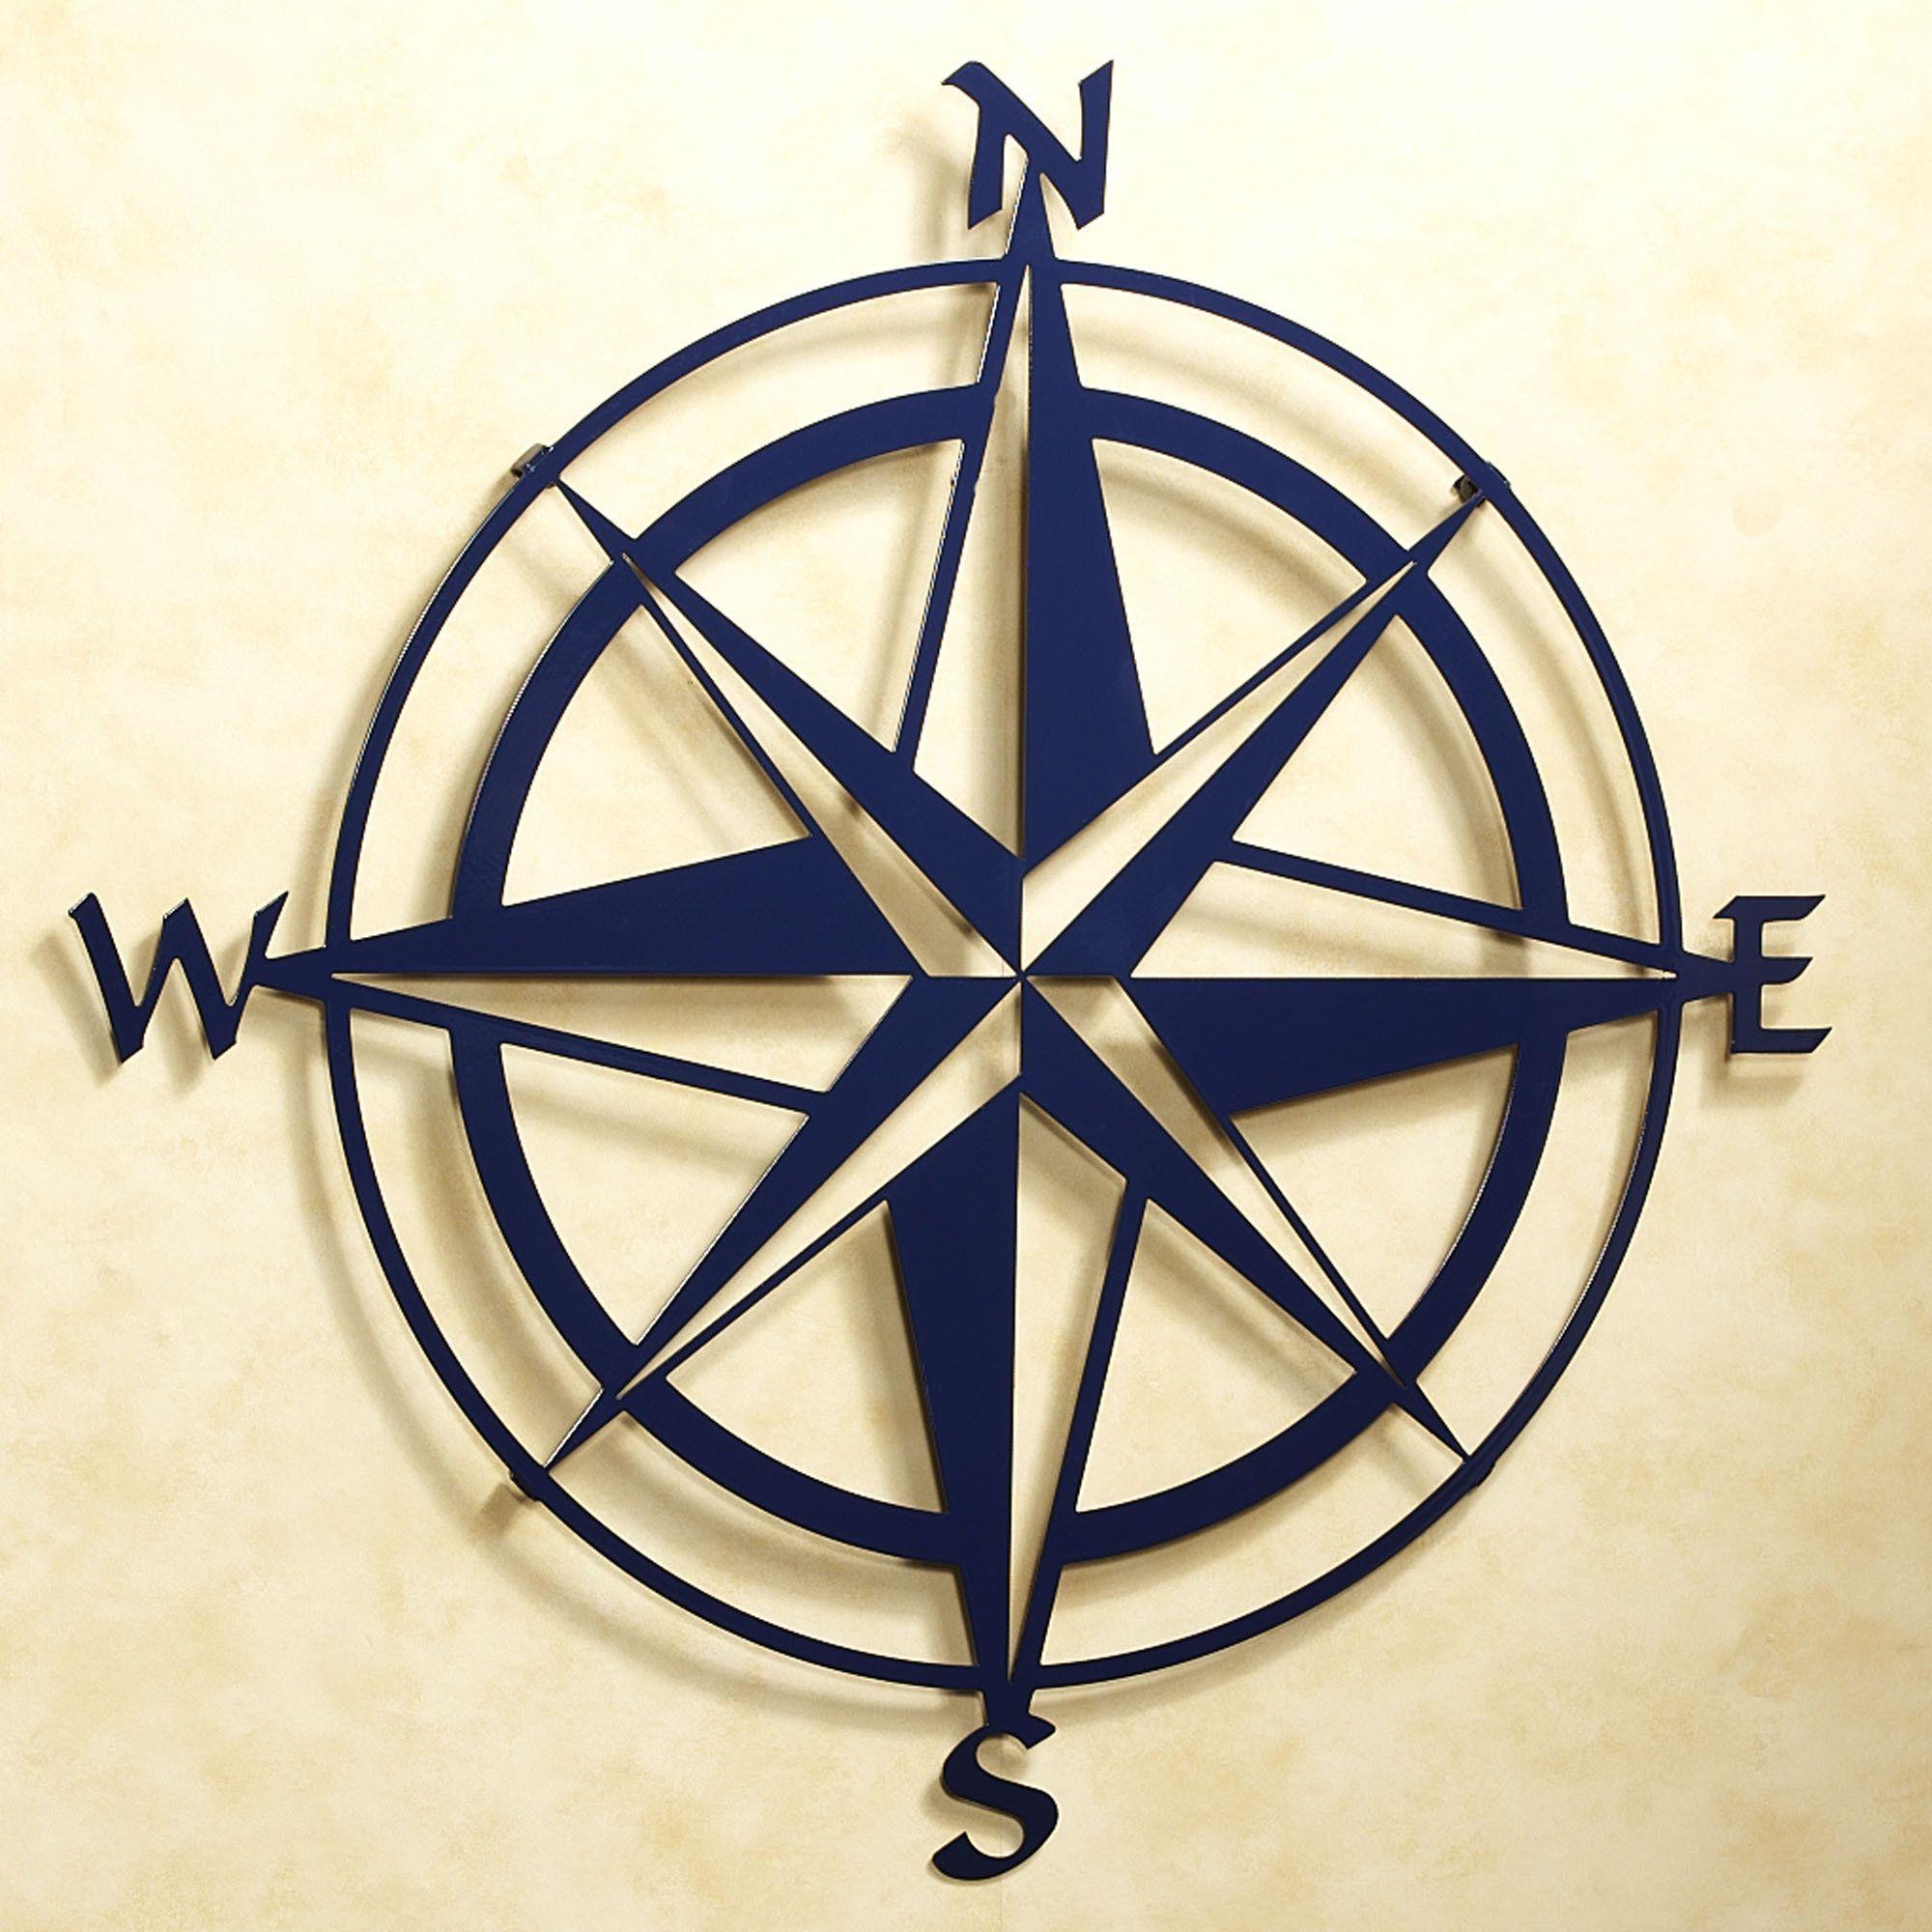 Compass Rose Indoor Outdoor Metal Wall Art | Compass Roses In Outdoor Metal Wall Compass (View 3 of 30)